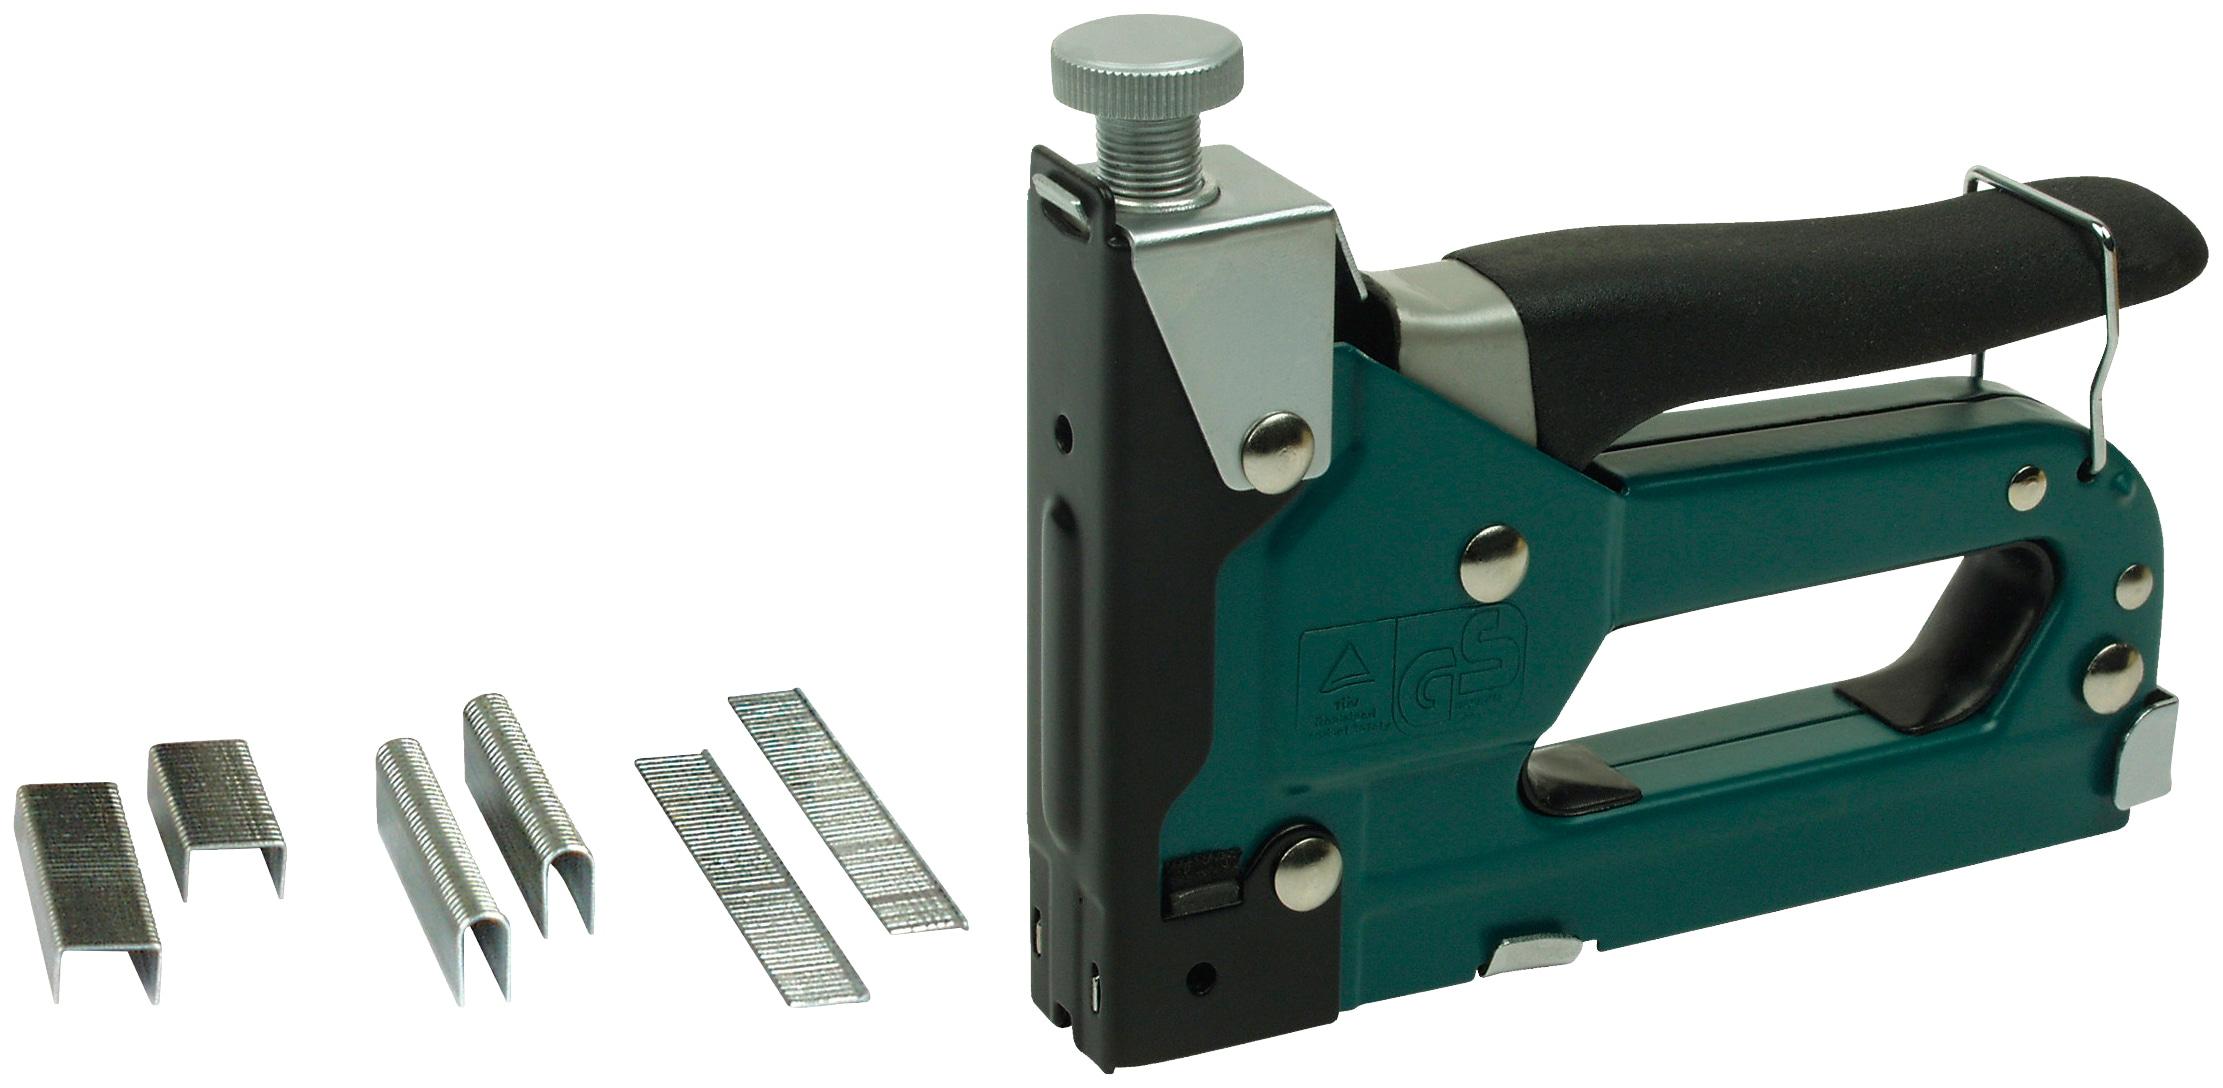 Brüder Mannesmann Werkzeuge Handtacker grün Tacker Werkzeug Maschinen